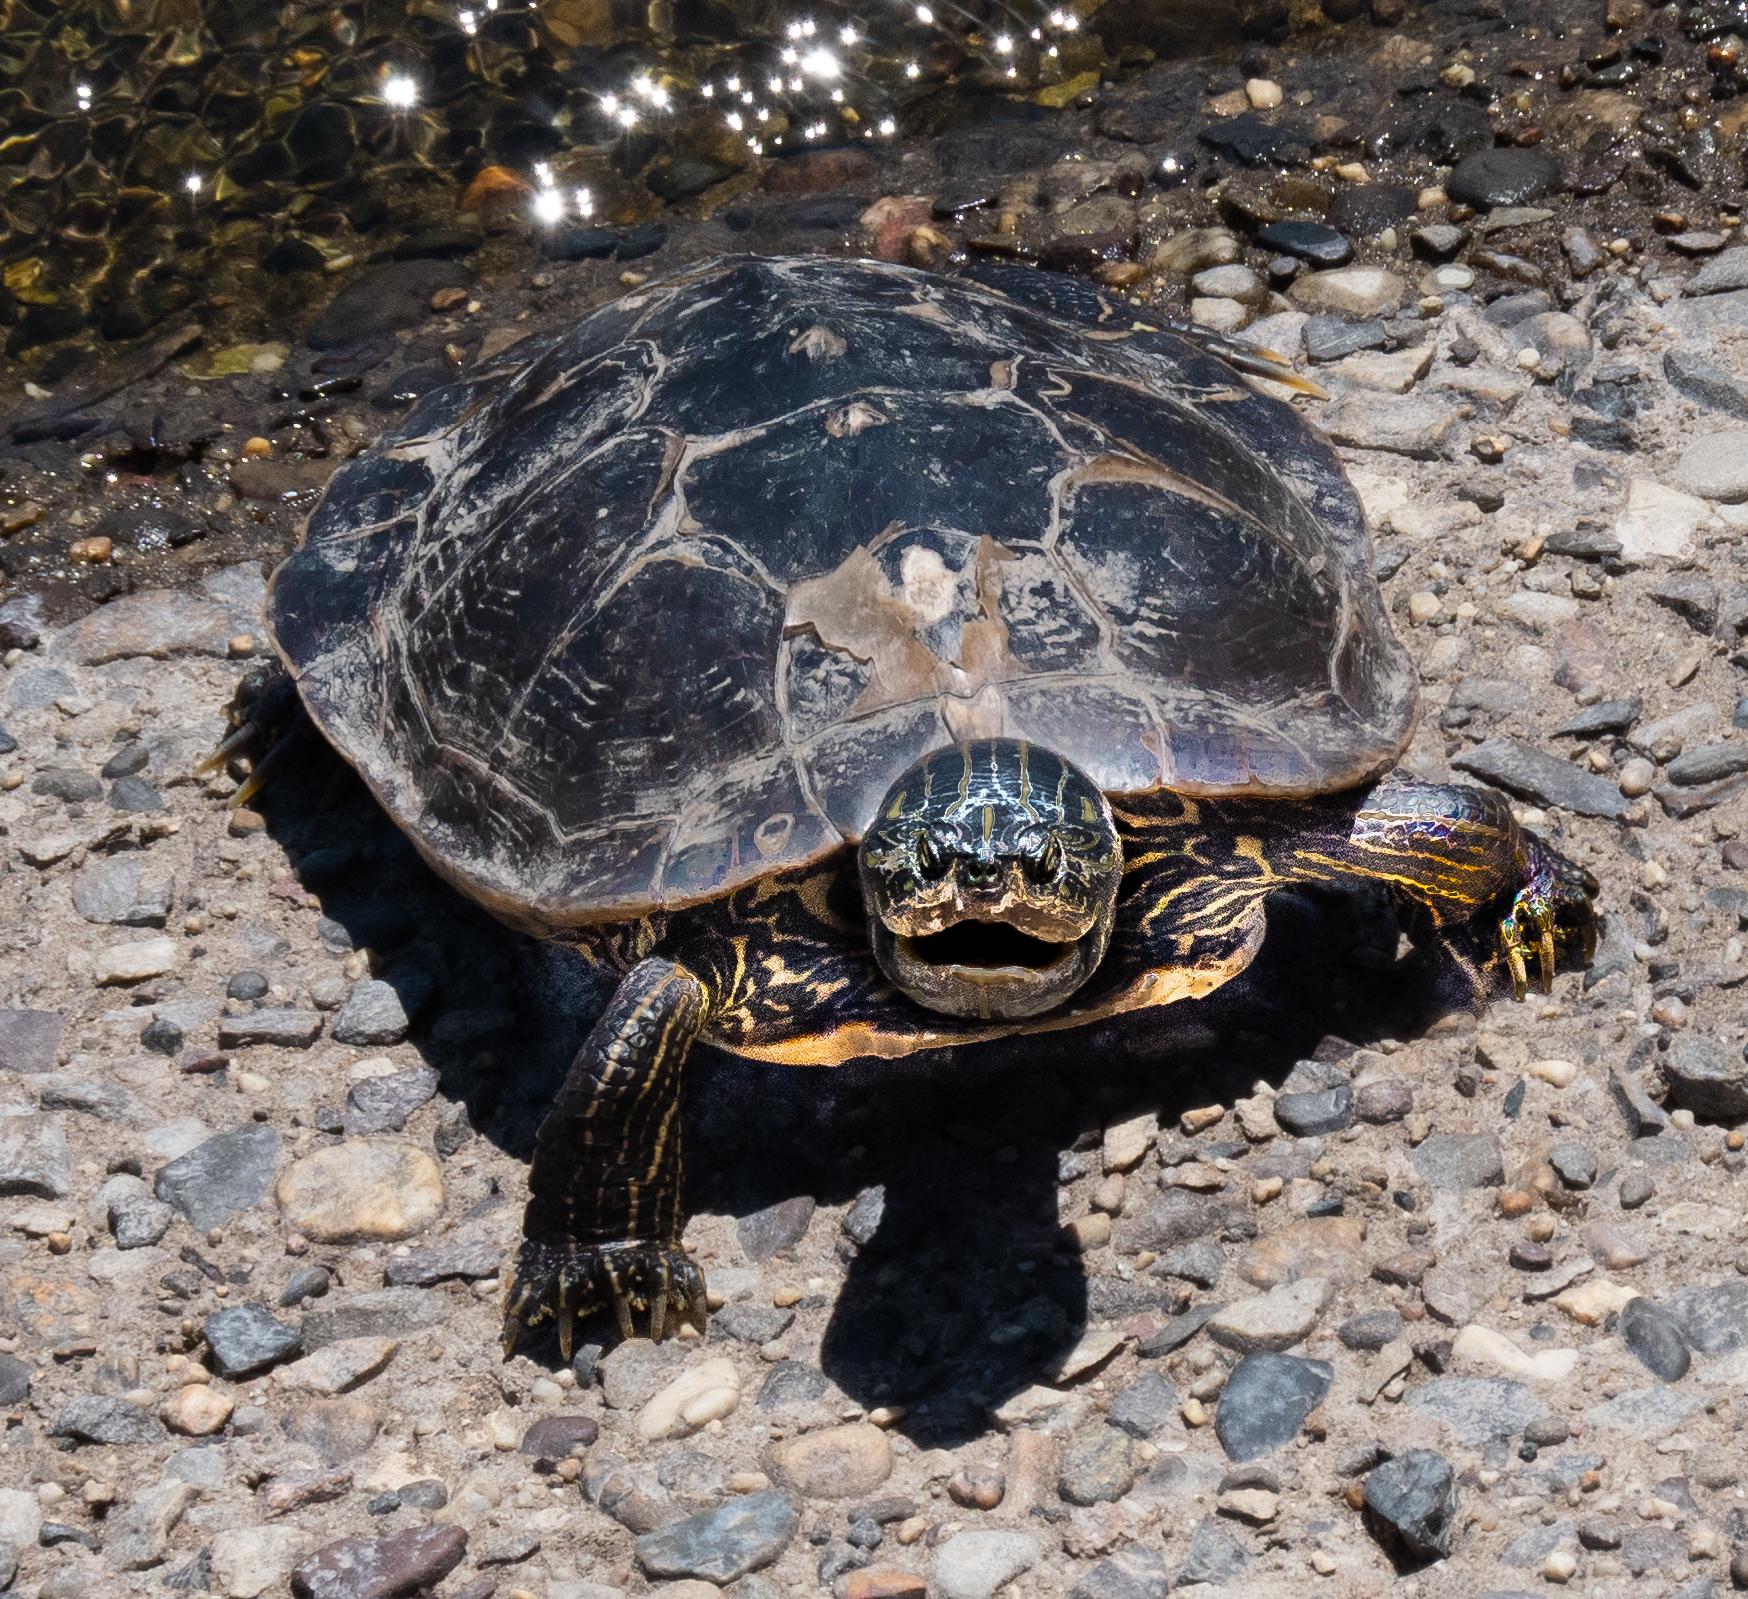 Female adult Painted Turtle